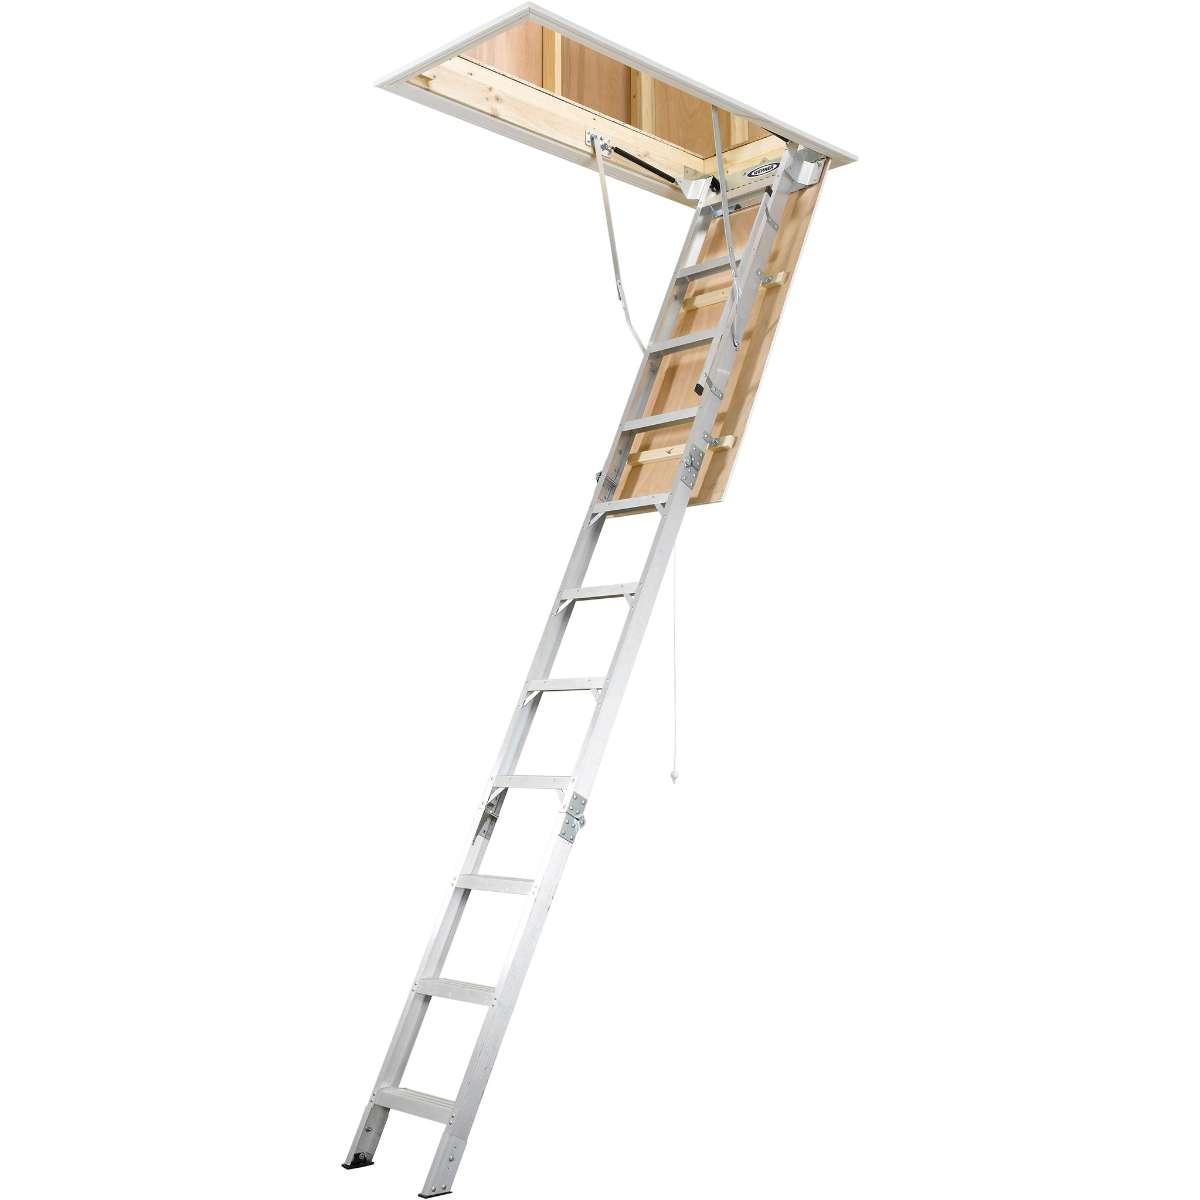 Werner Ah Series Attic Ladders